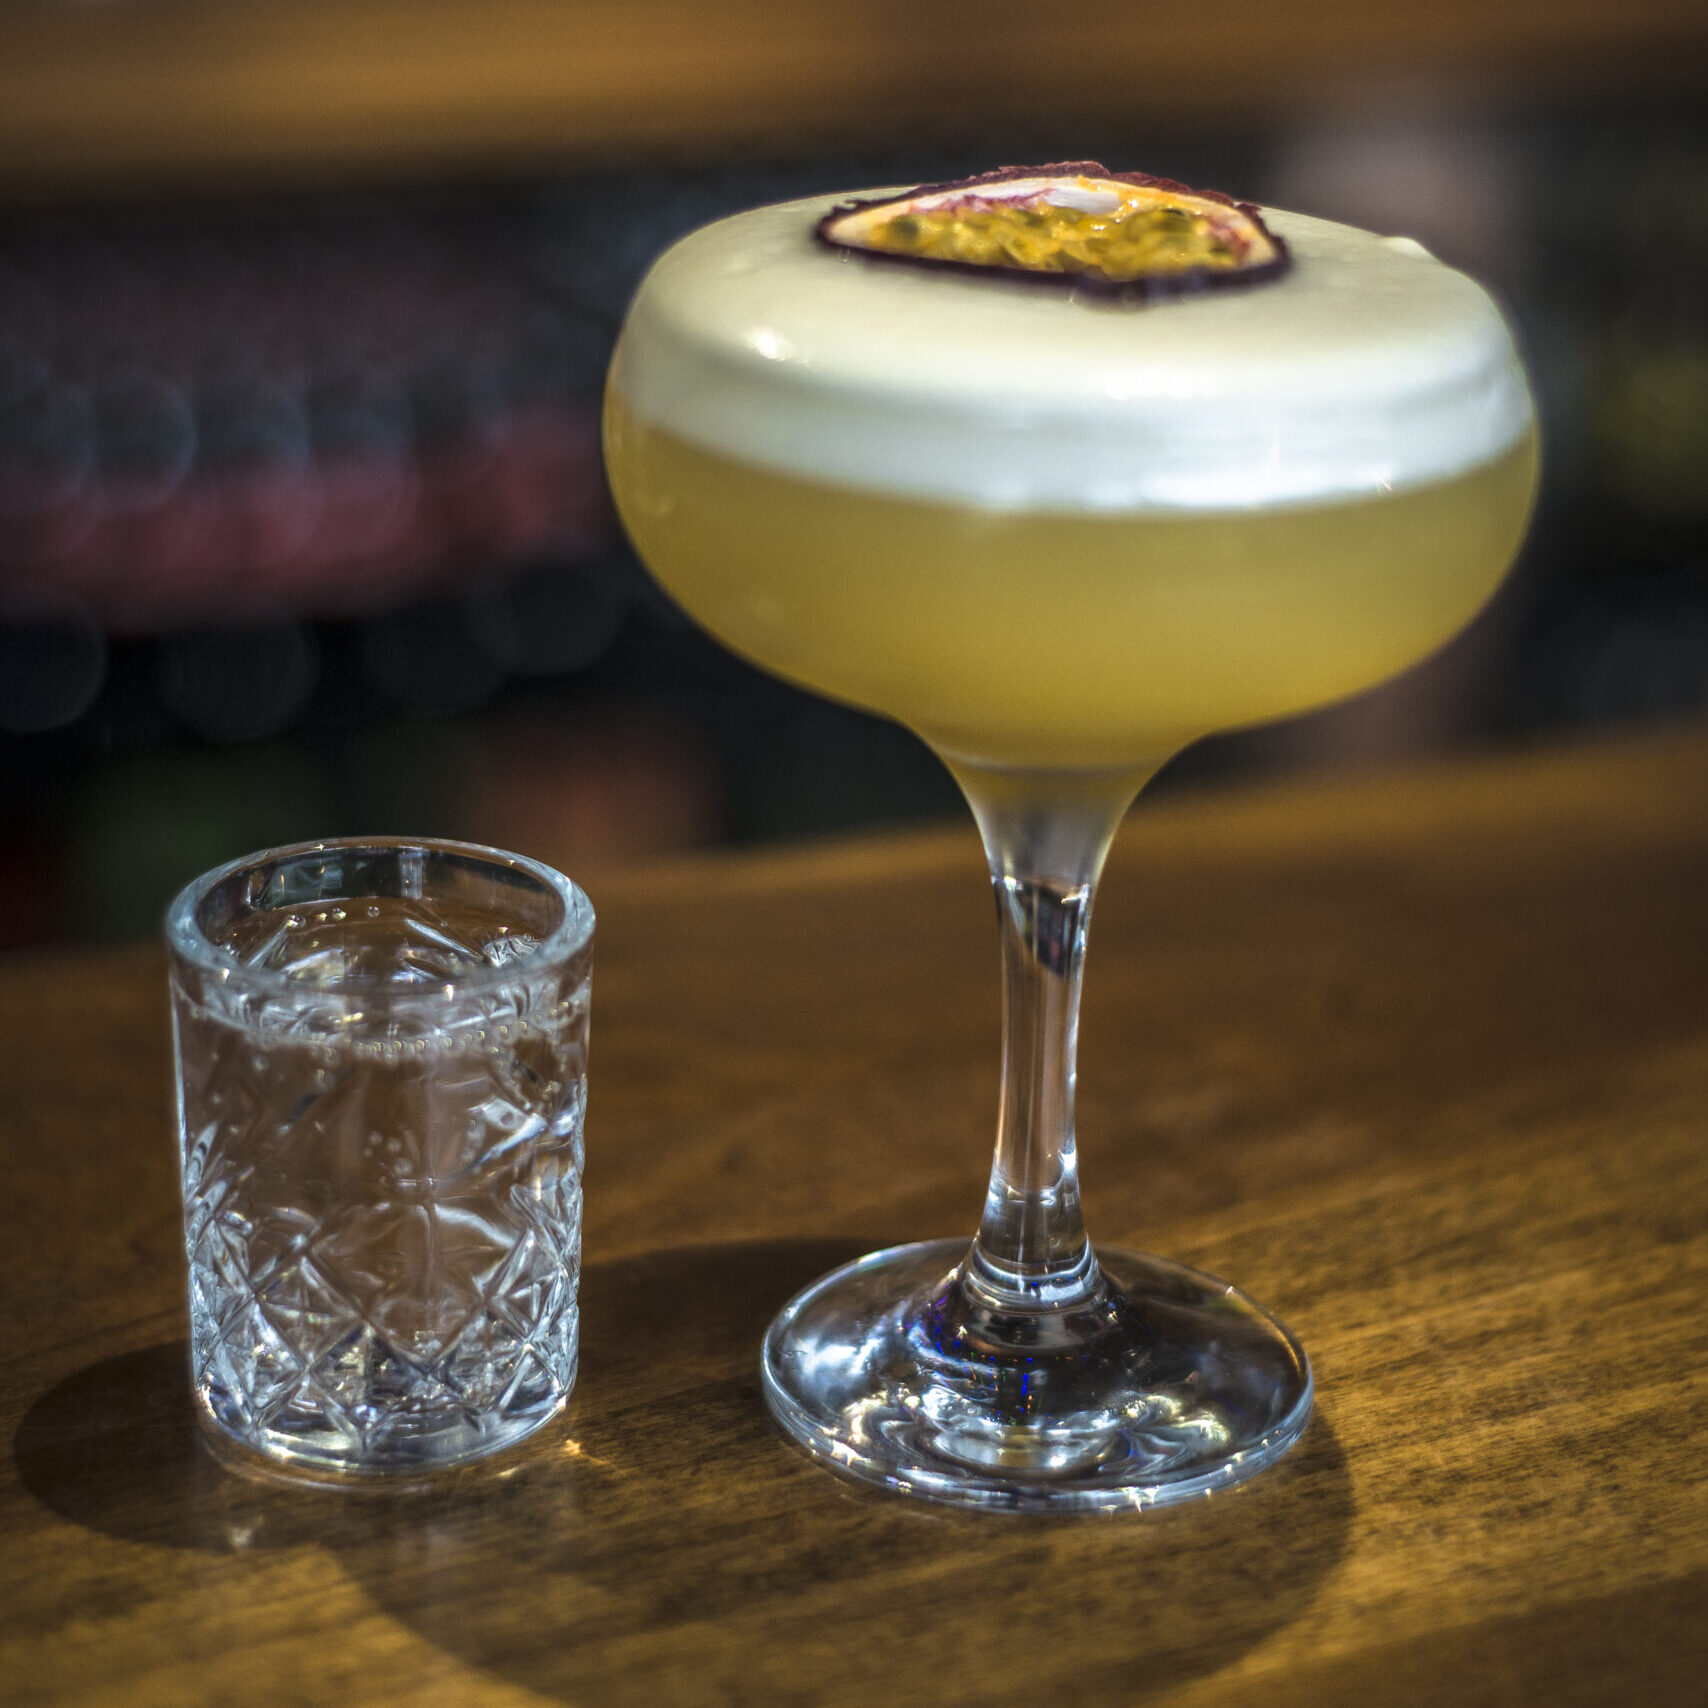 Cocktails at Friels Bar, Swatragh